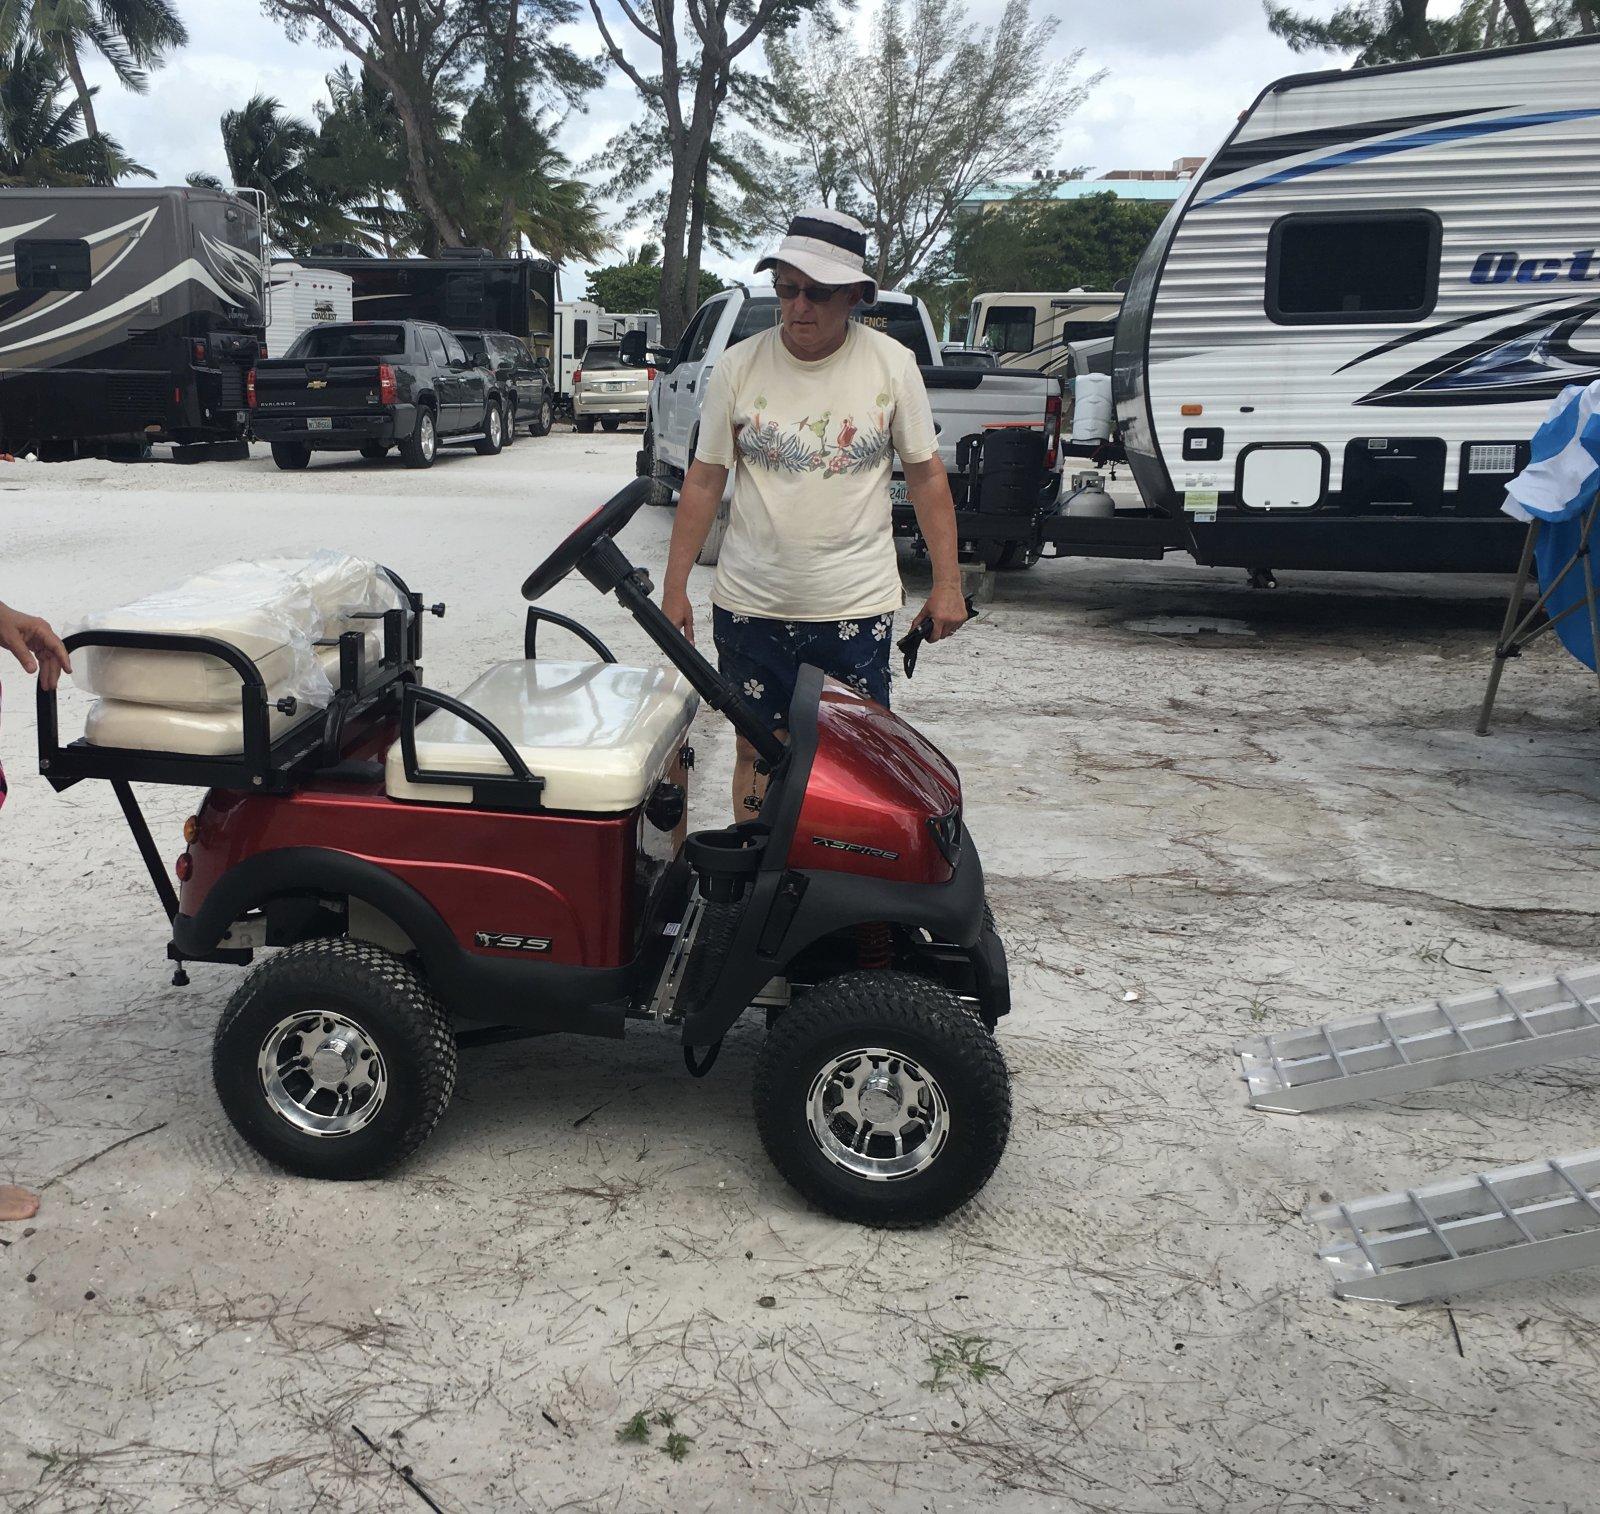 Golf Cart Vintage Camper Html on